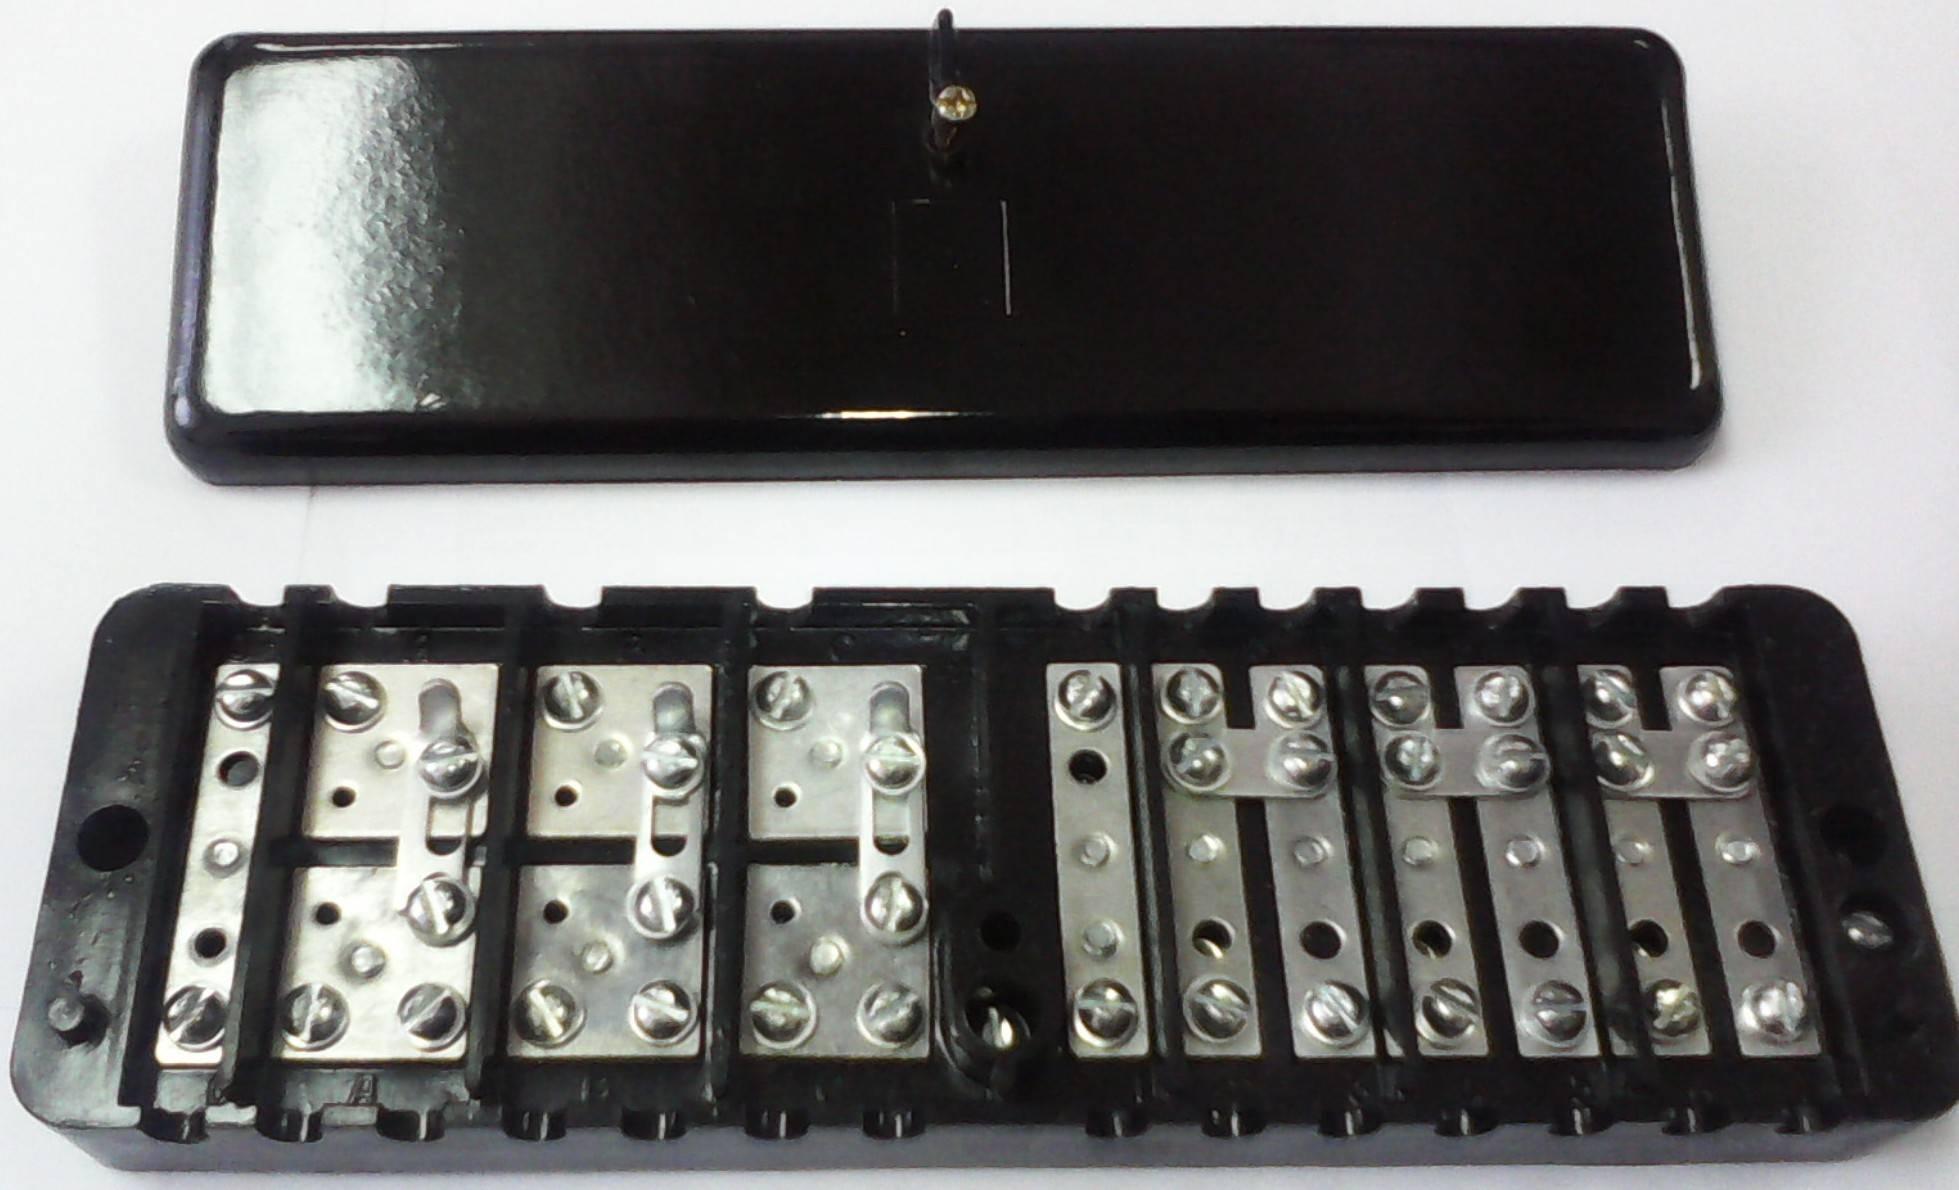 Схема подключения и разновидности испытательных коробок - стройка